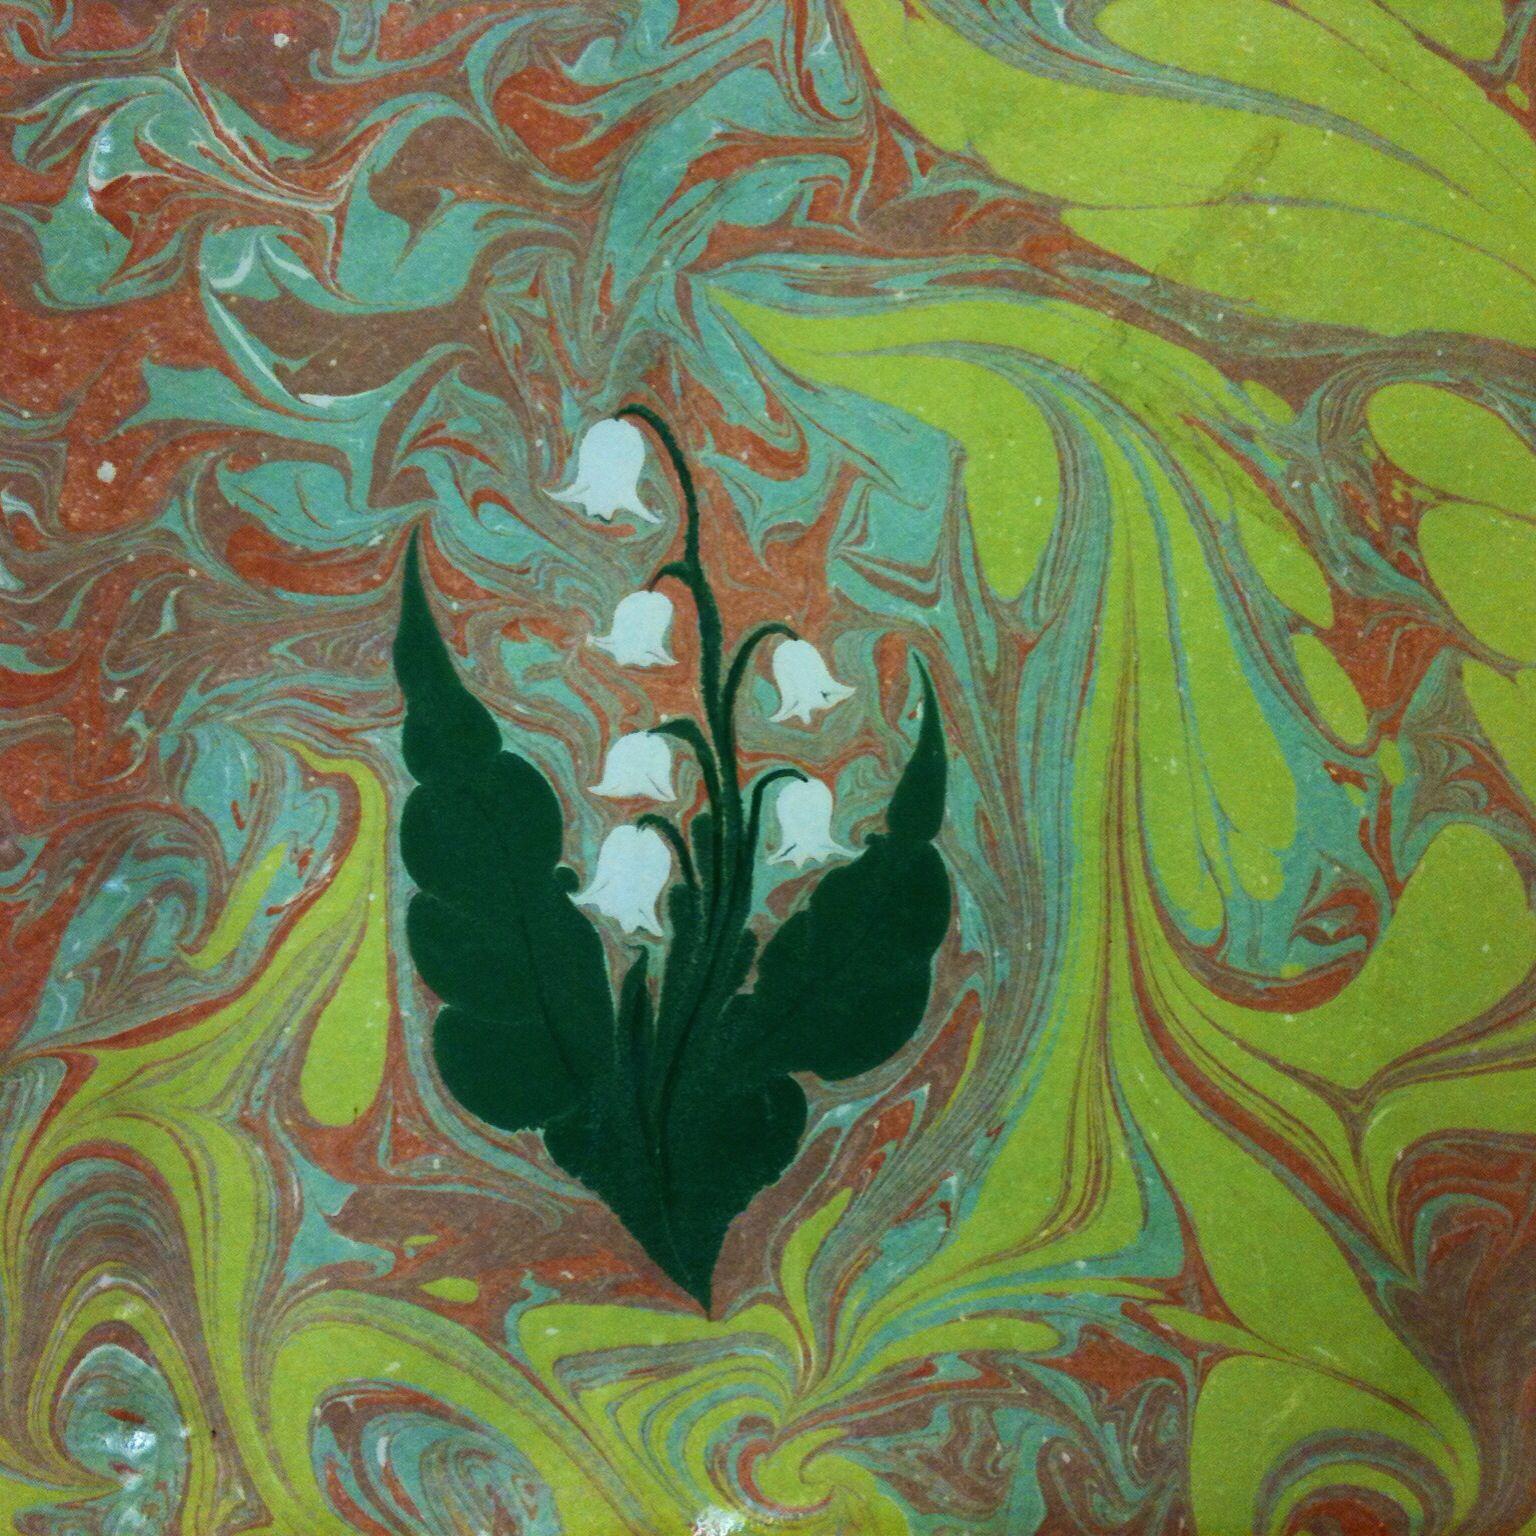 Müge çiçeği. | ART: FLORAL/BOTANICAL | Pinterest | Ebru art, Art ...